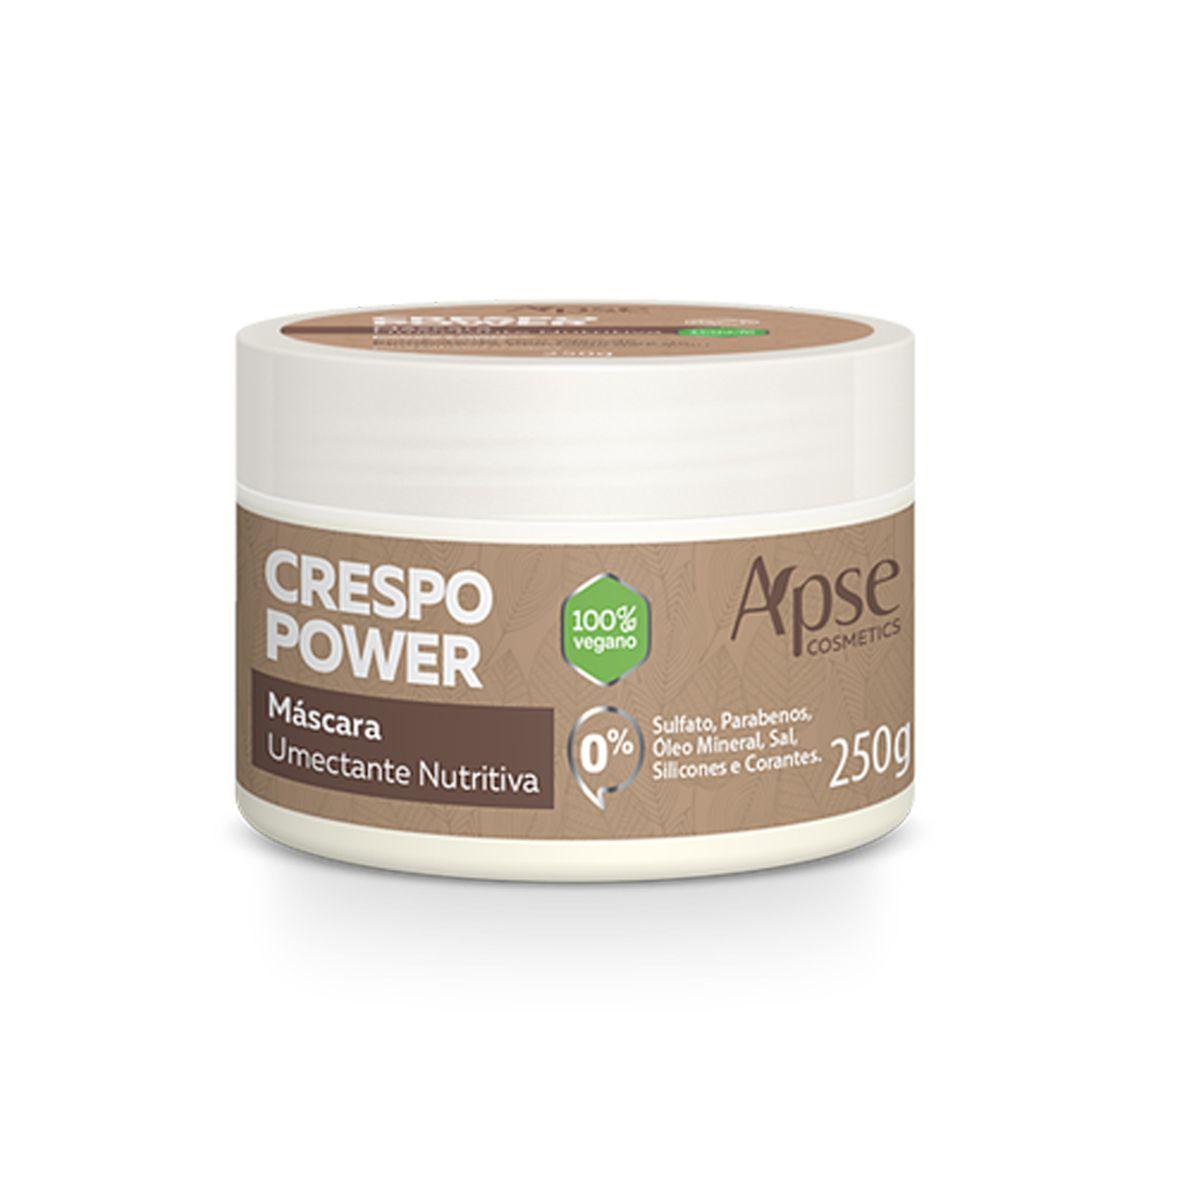 Apse - Máscara Crespo Power - 250g